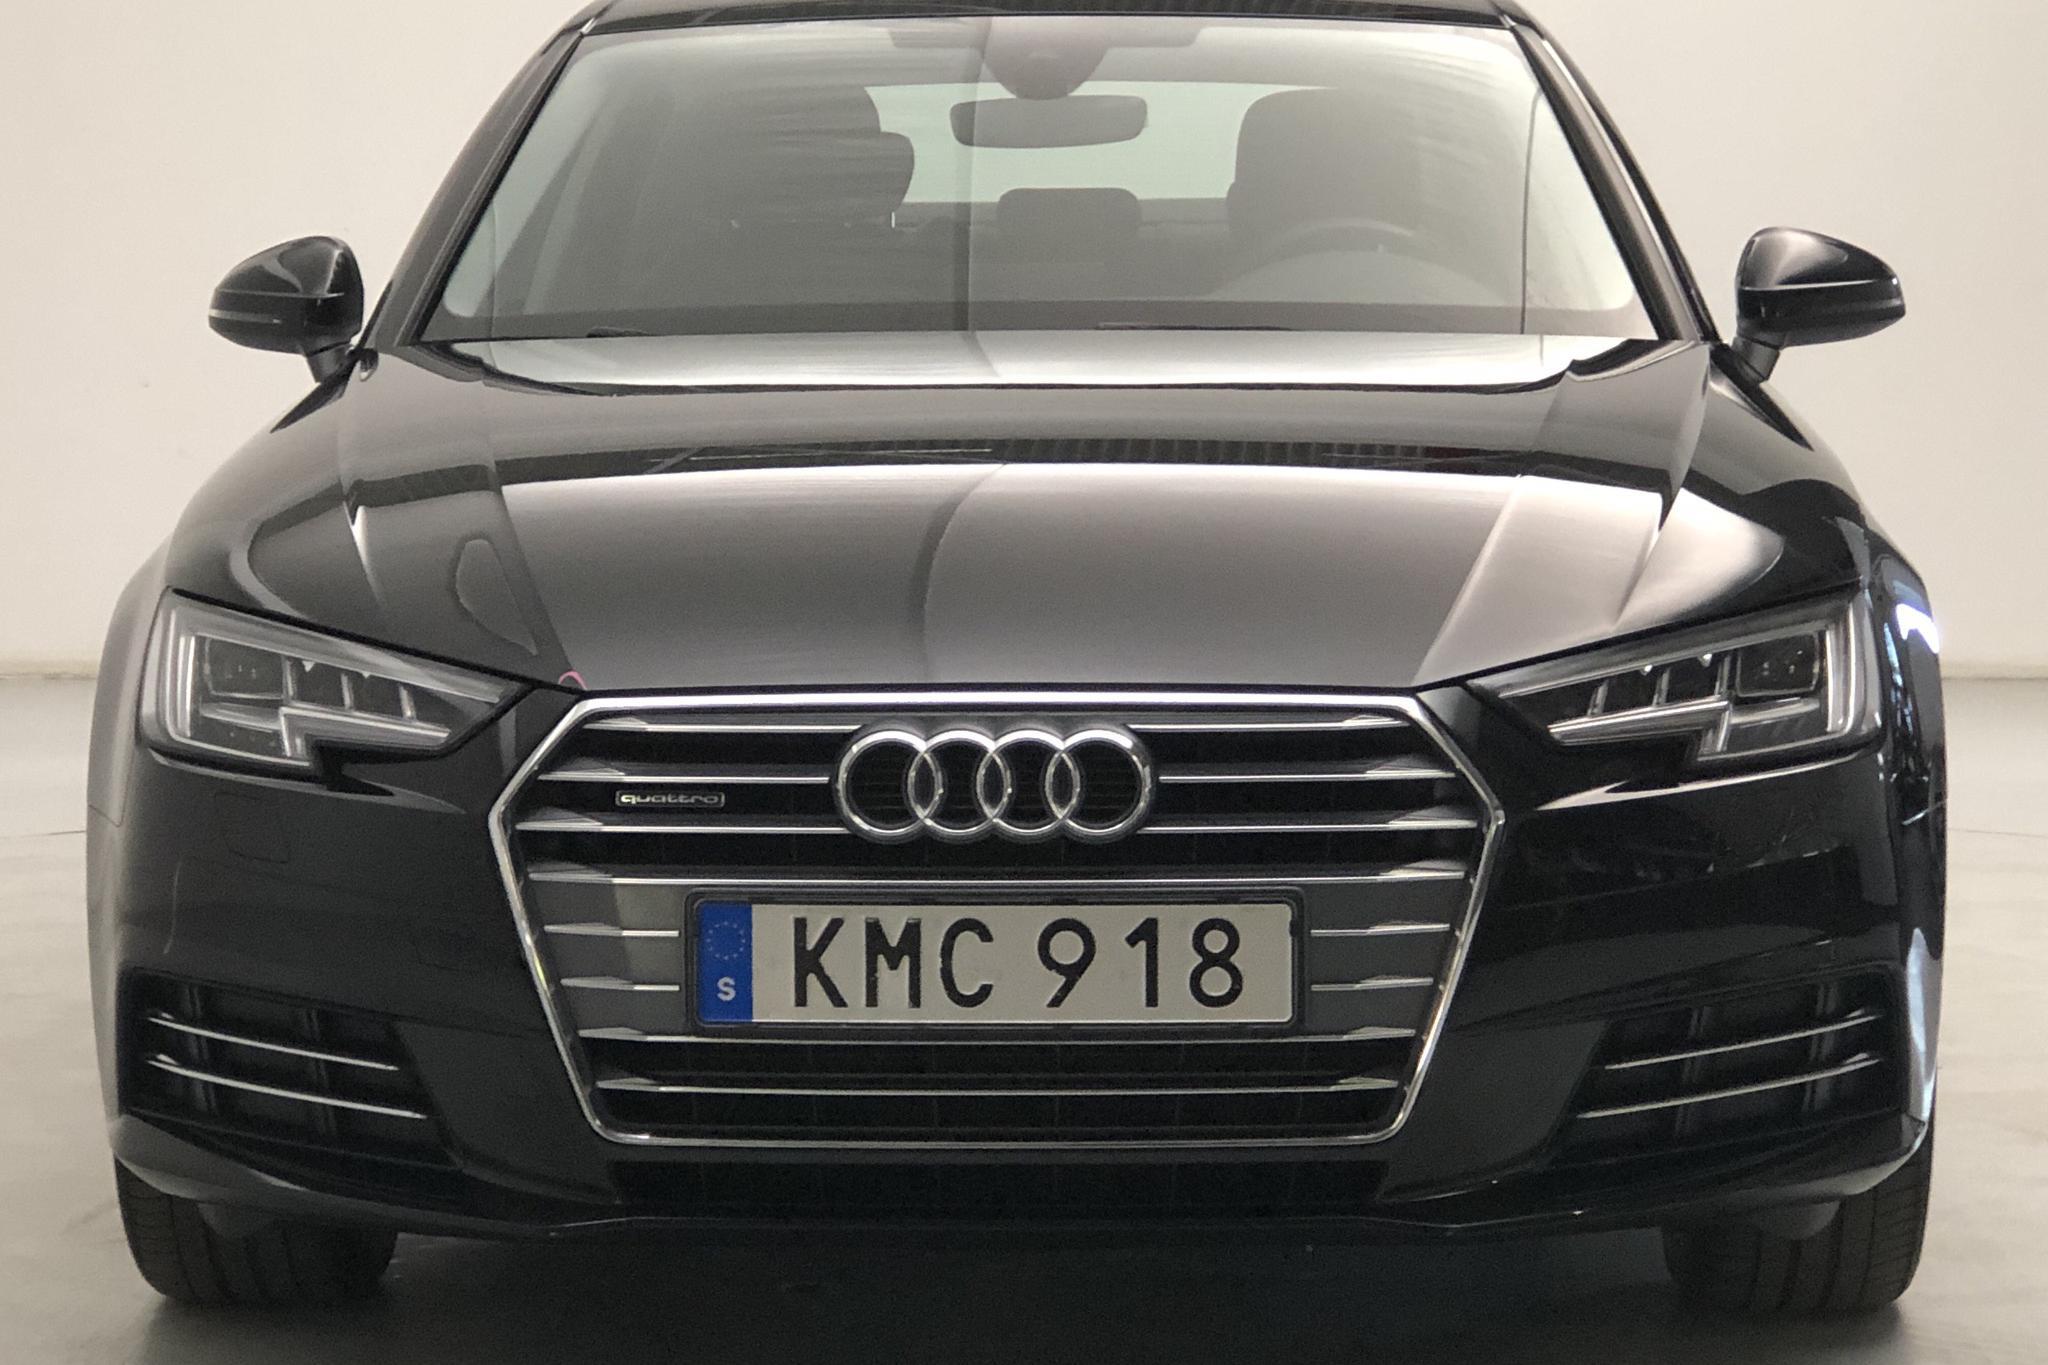 Audi A4 2.0 TDI quattro (190hk) - 4 638 mil - Automat - svart - 2018